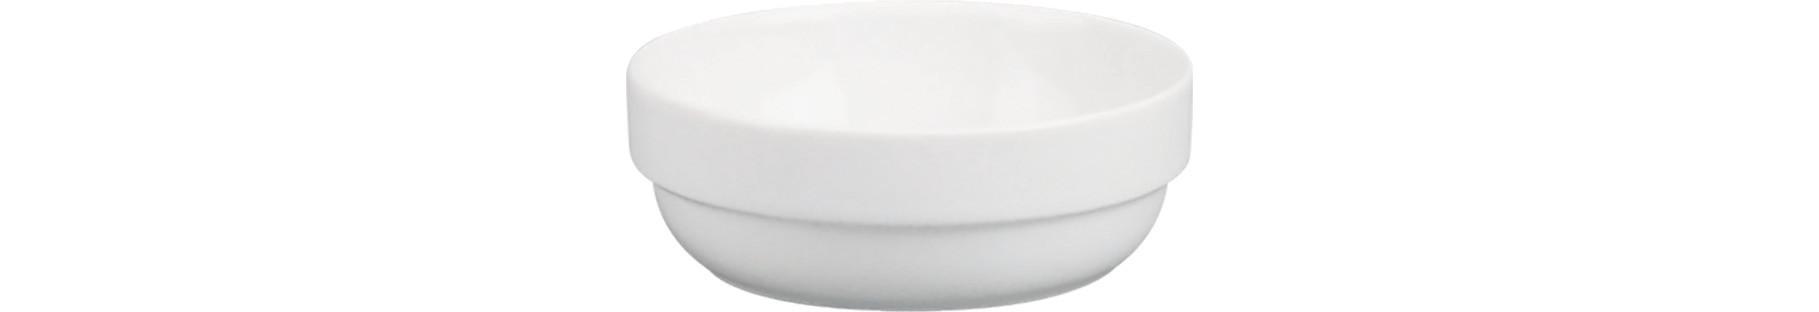 898/598, Salat rund ø 120 mm / 0,30 l Form 898